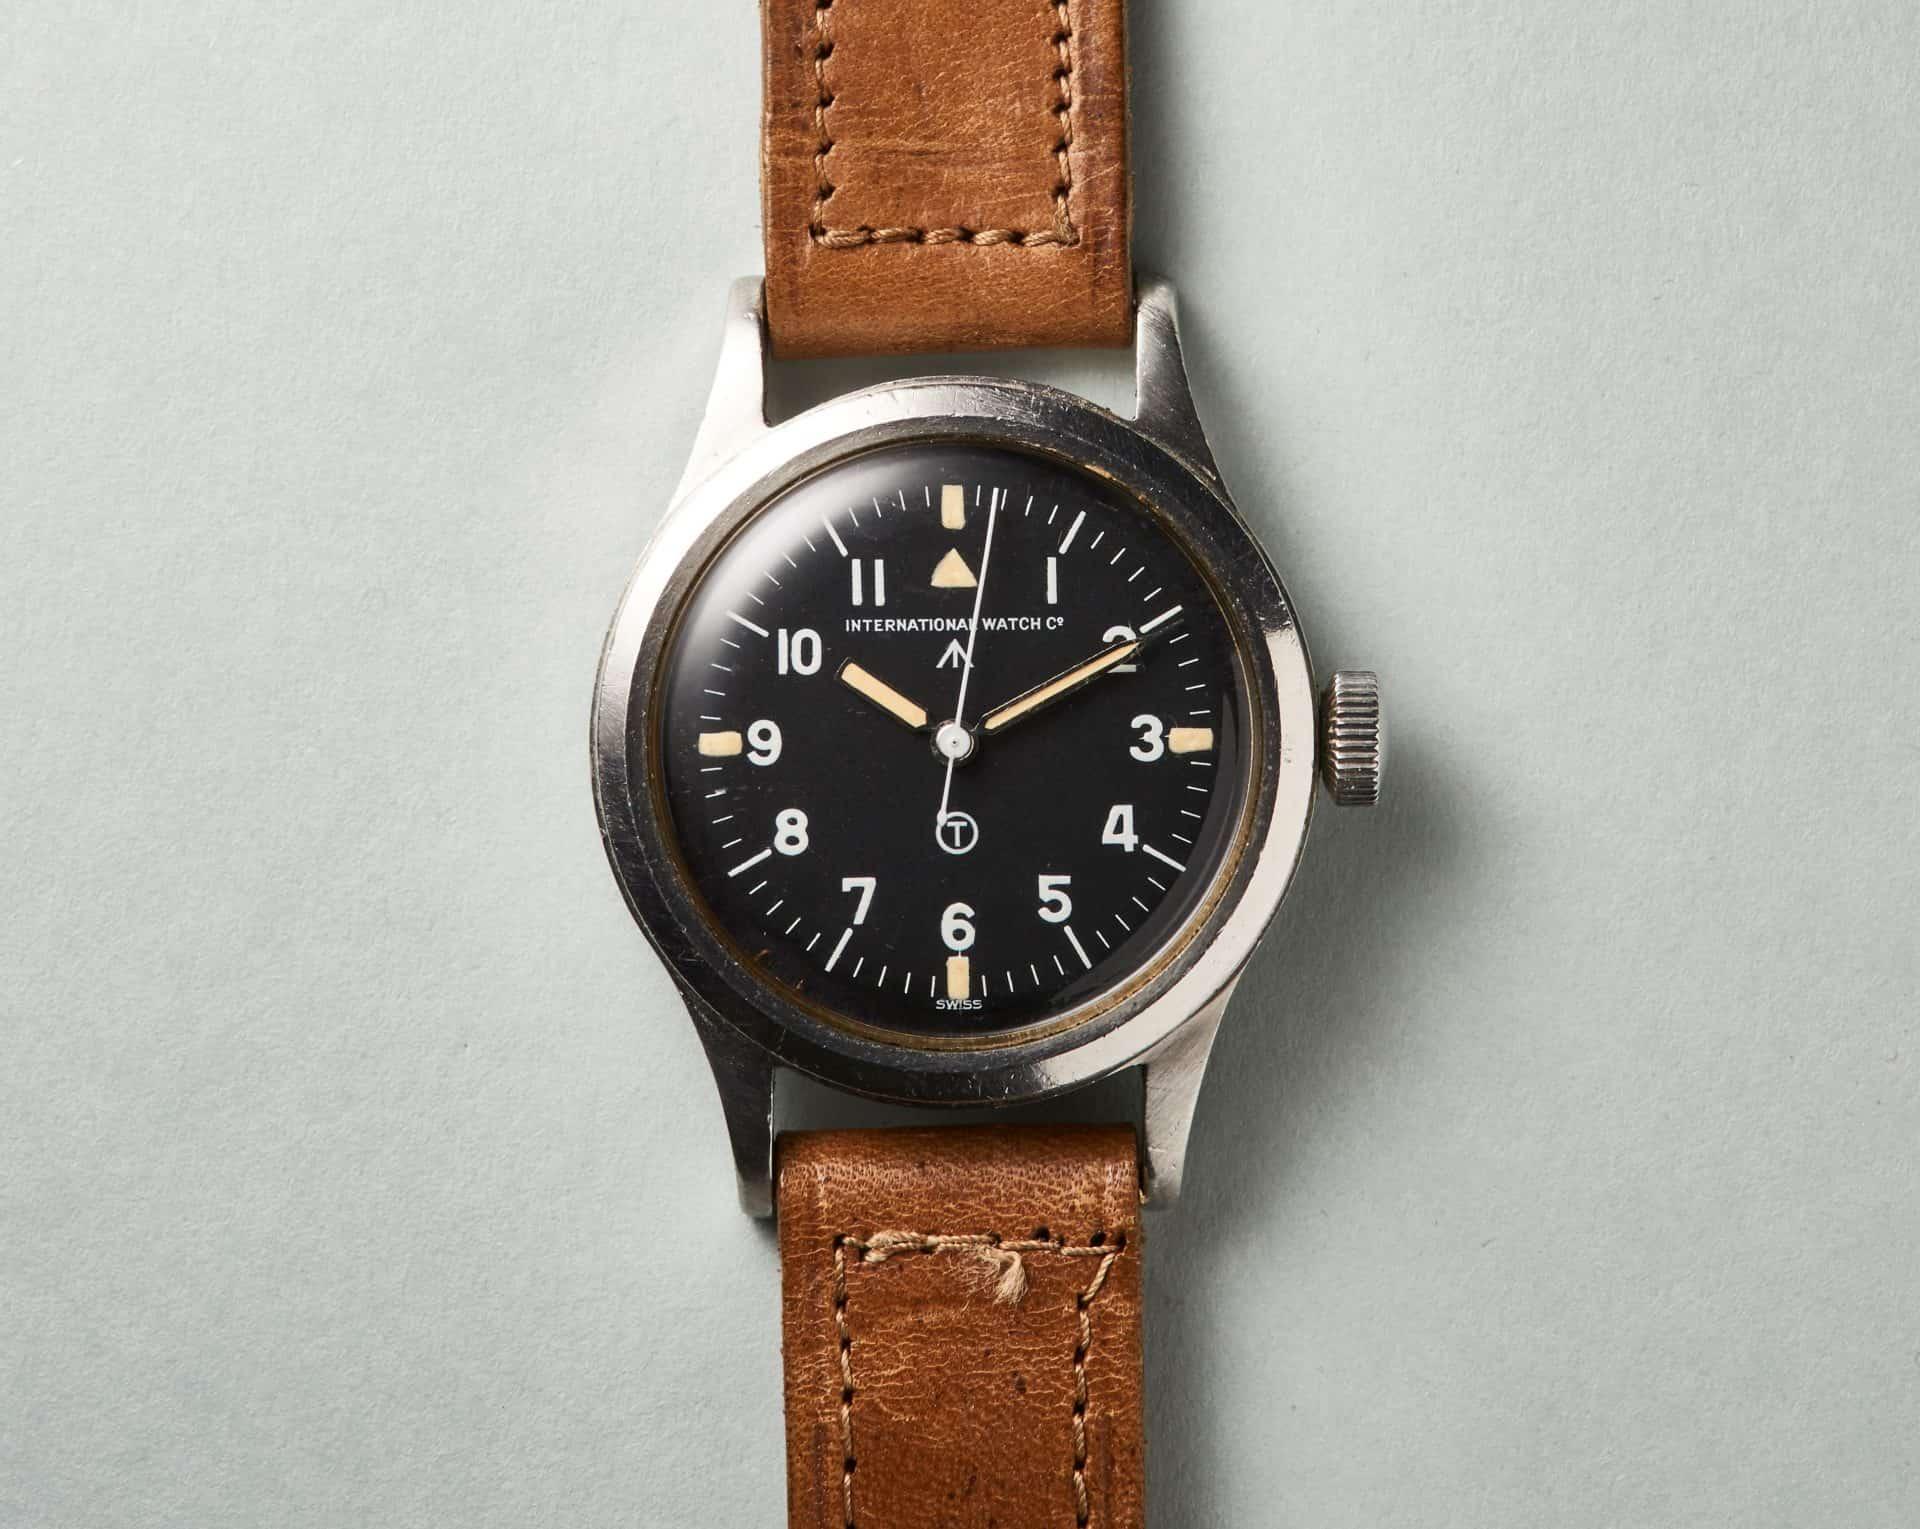 Eine legendäre Uhr und über Jahrzehnte im militärischen Dienst - die IWC Marc 11.